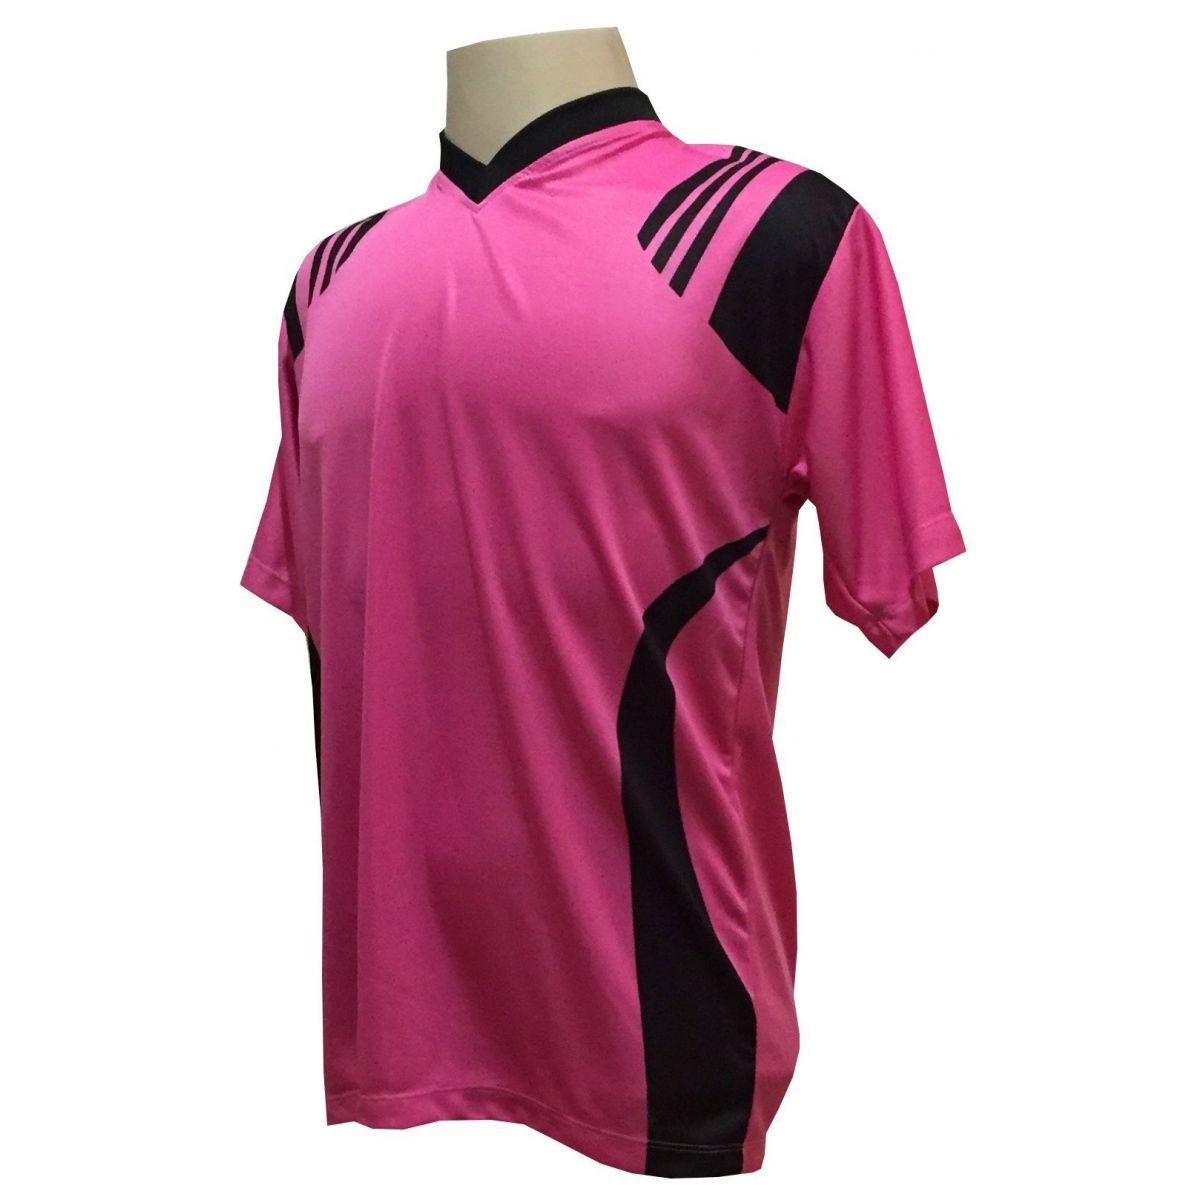 Uniforme Esportivo com 18 Camisas modelo Roma Pink/Preto + 18 Calções modelo Madrid Preto